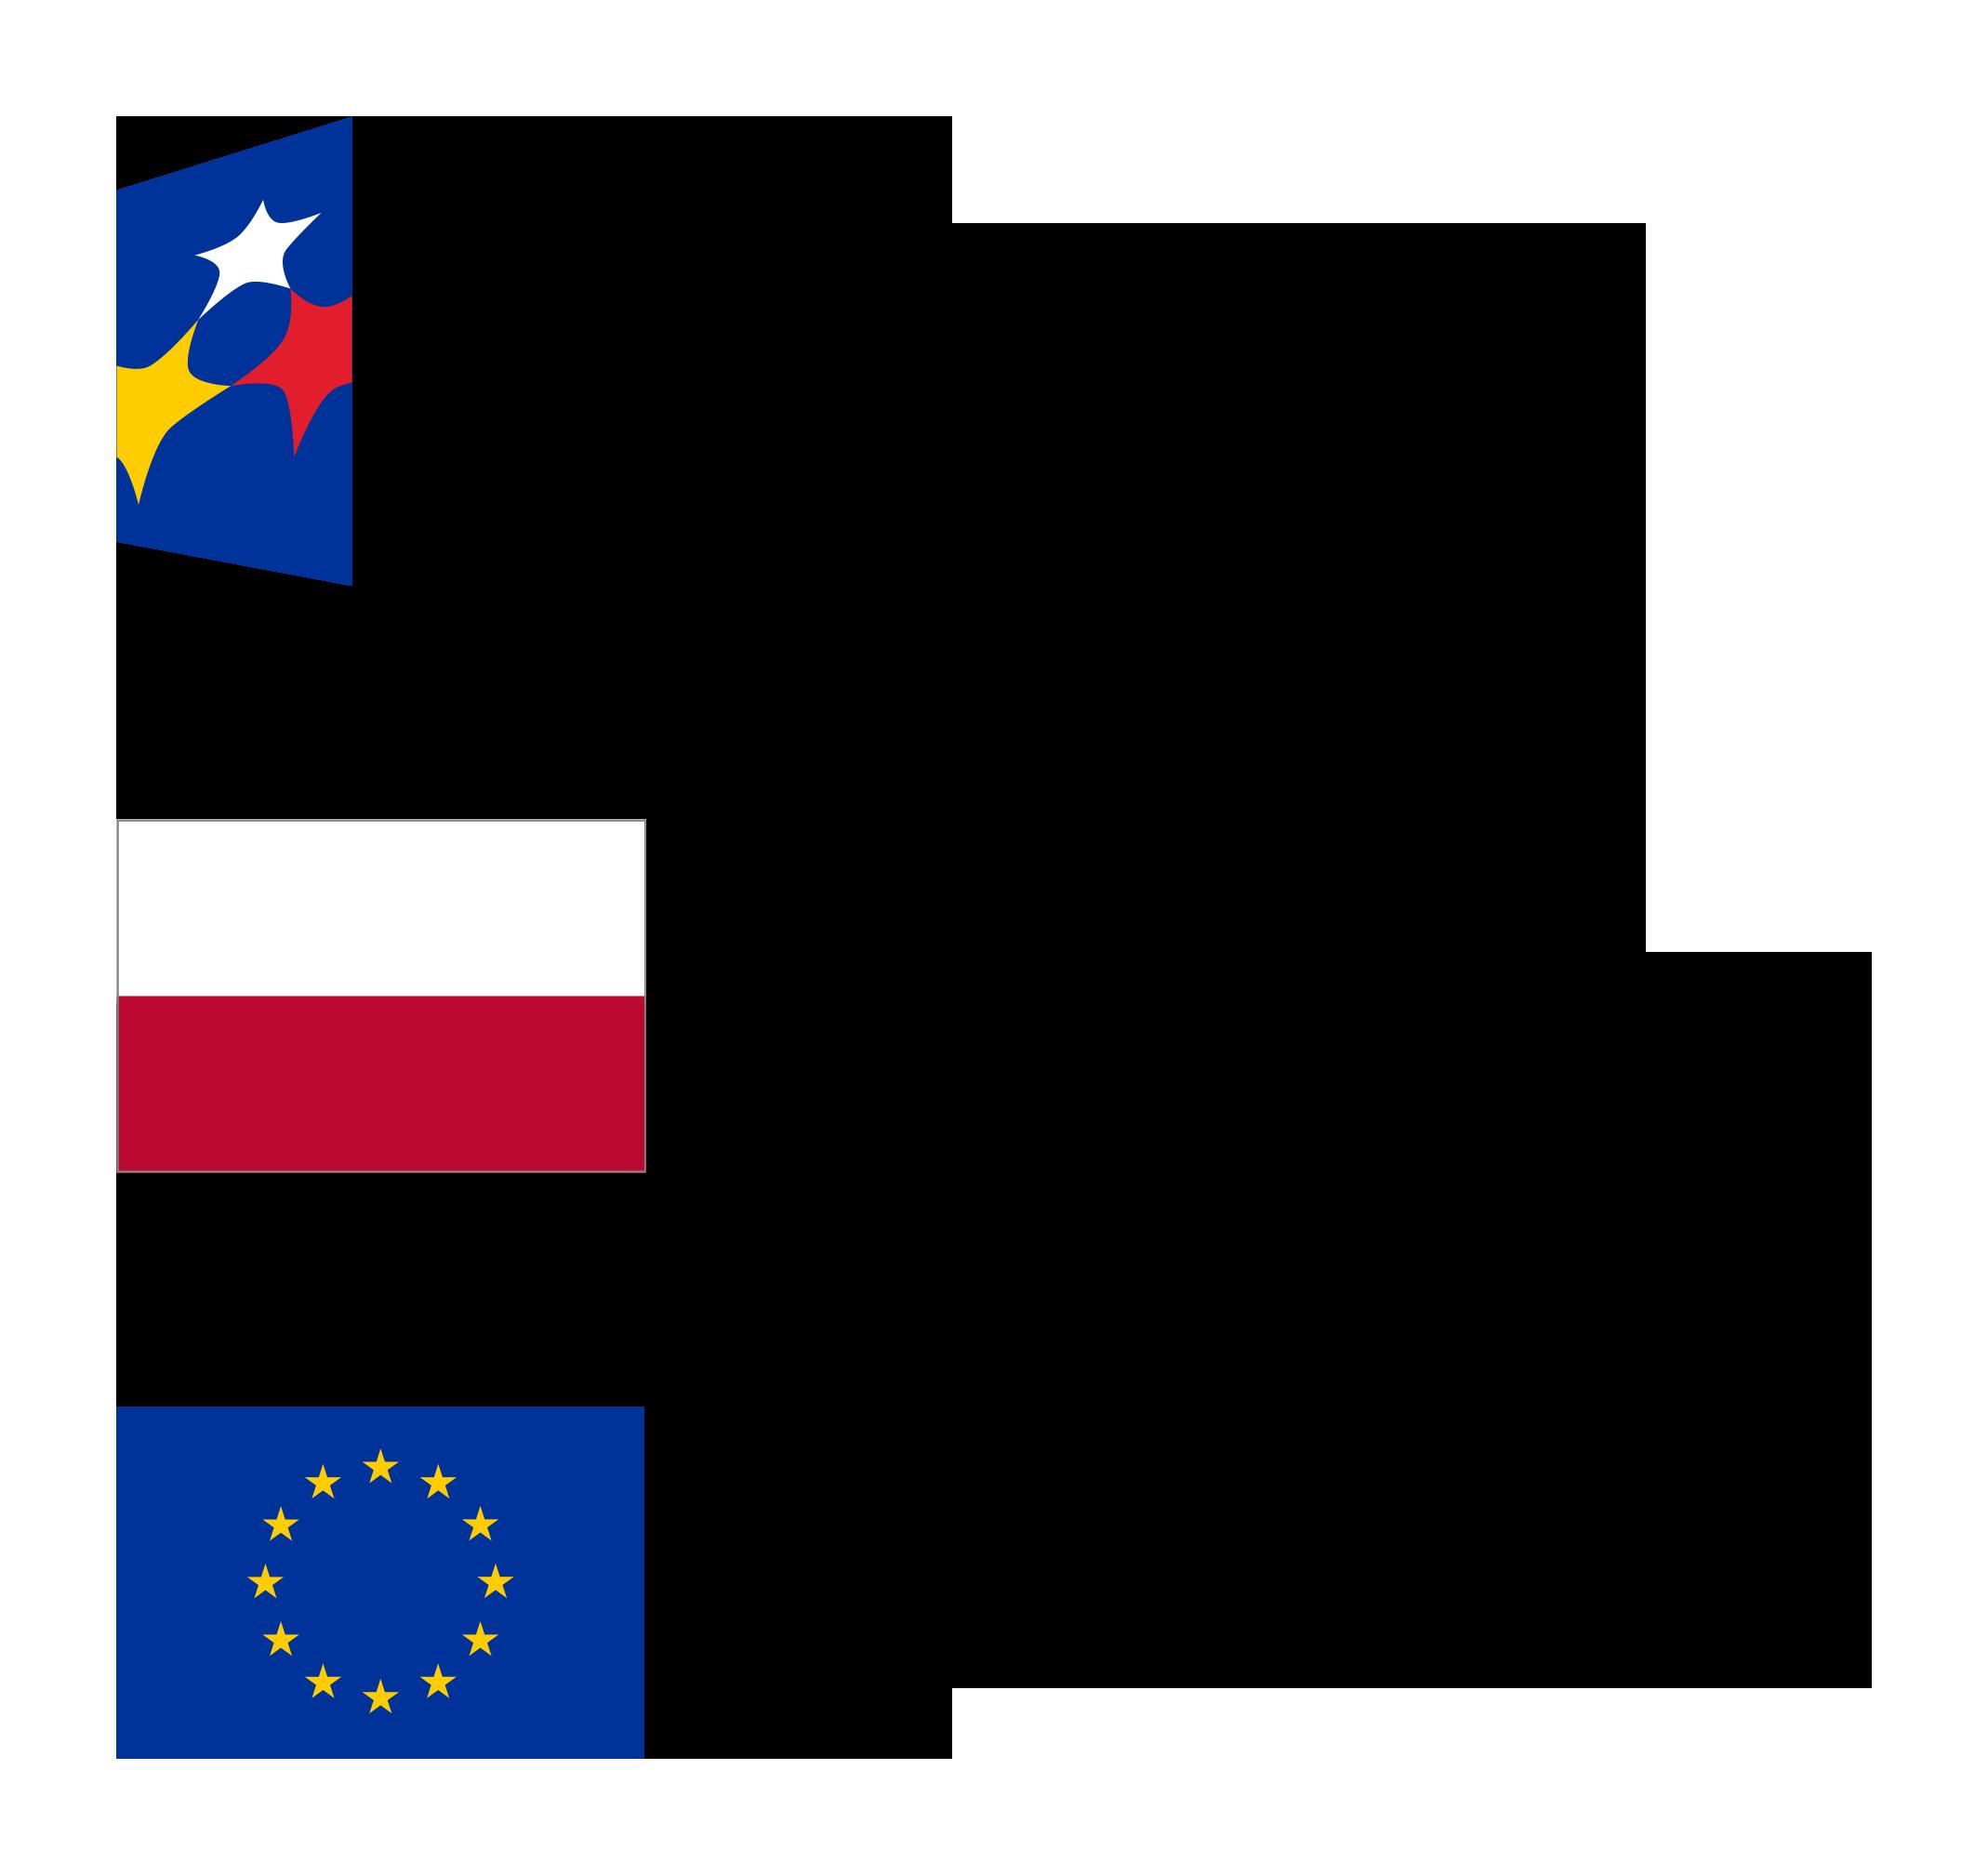 Fundusze Europejskie - Wiedza Edukacja Rozwój, Rzeczpospolita Polska, Unia Europejska - Europejski Fundusz Społeczny